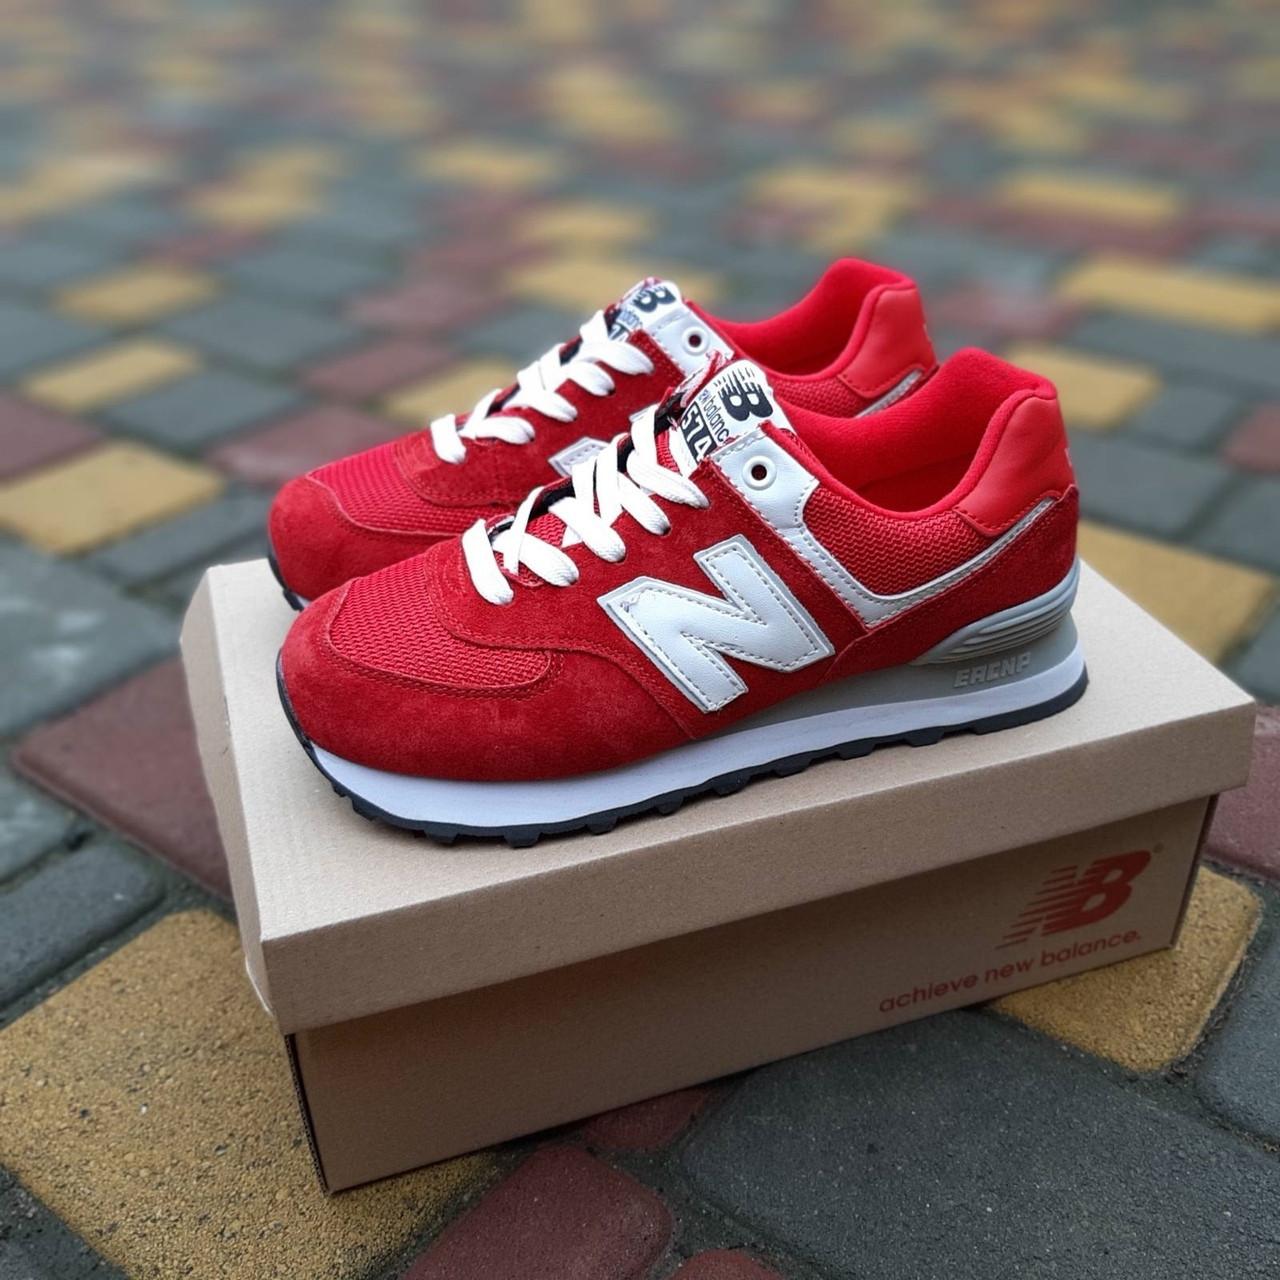 Жіночі кросівки New Balance 574 (червоні) 20252 замшеві туфлі спортивні кроси